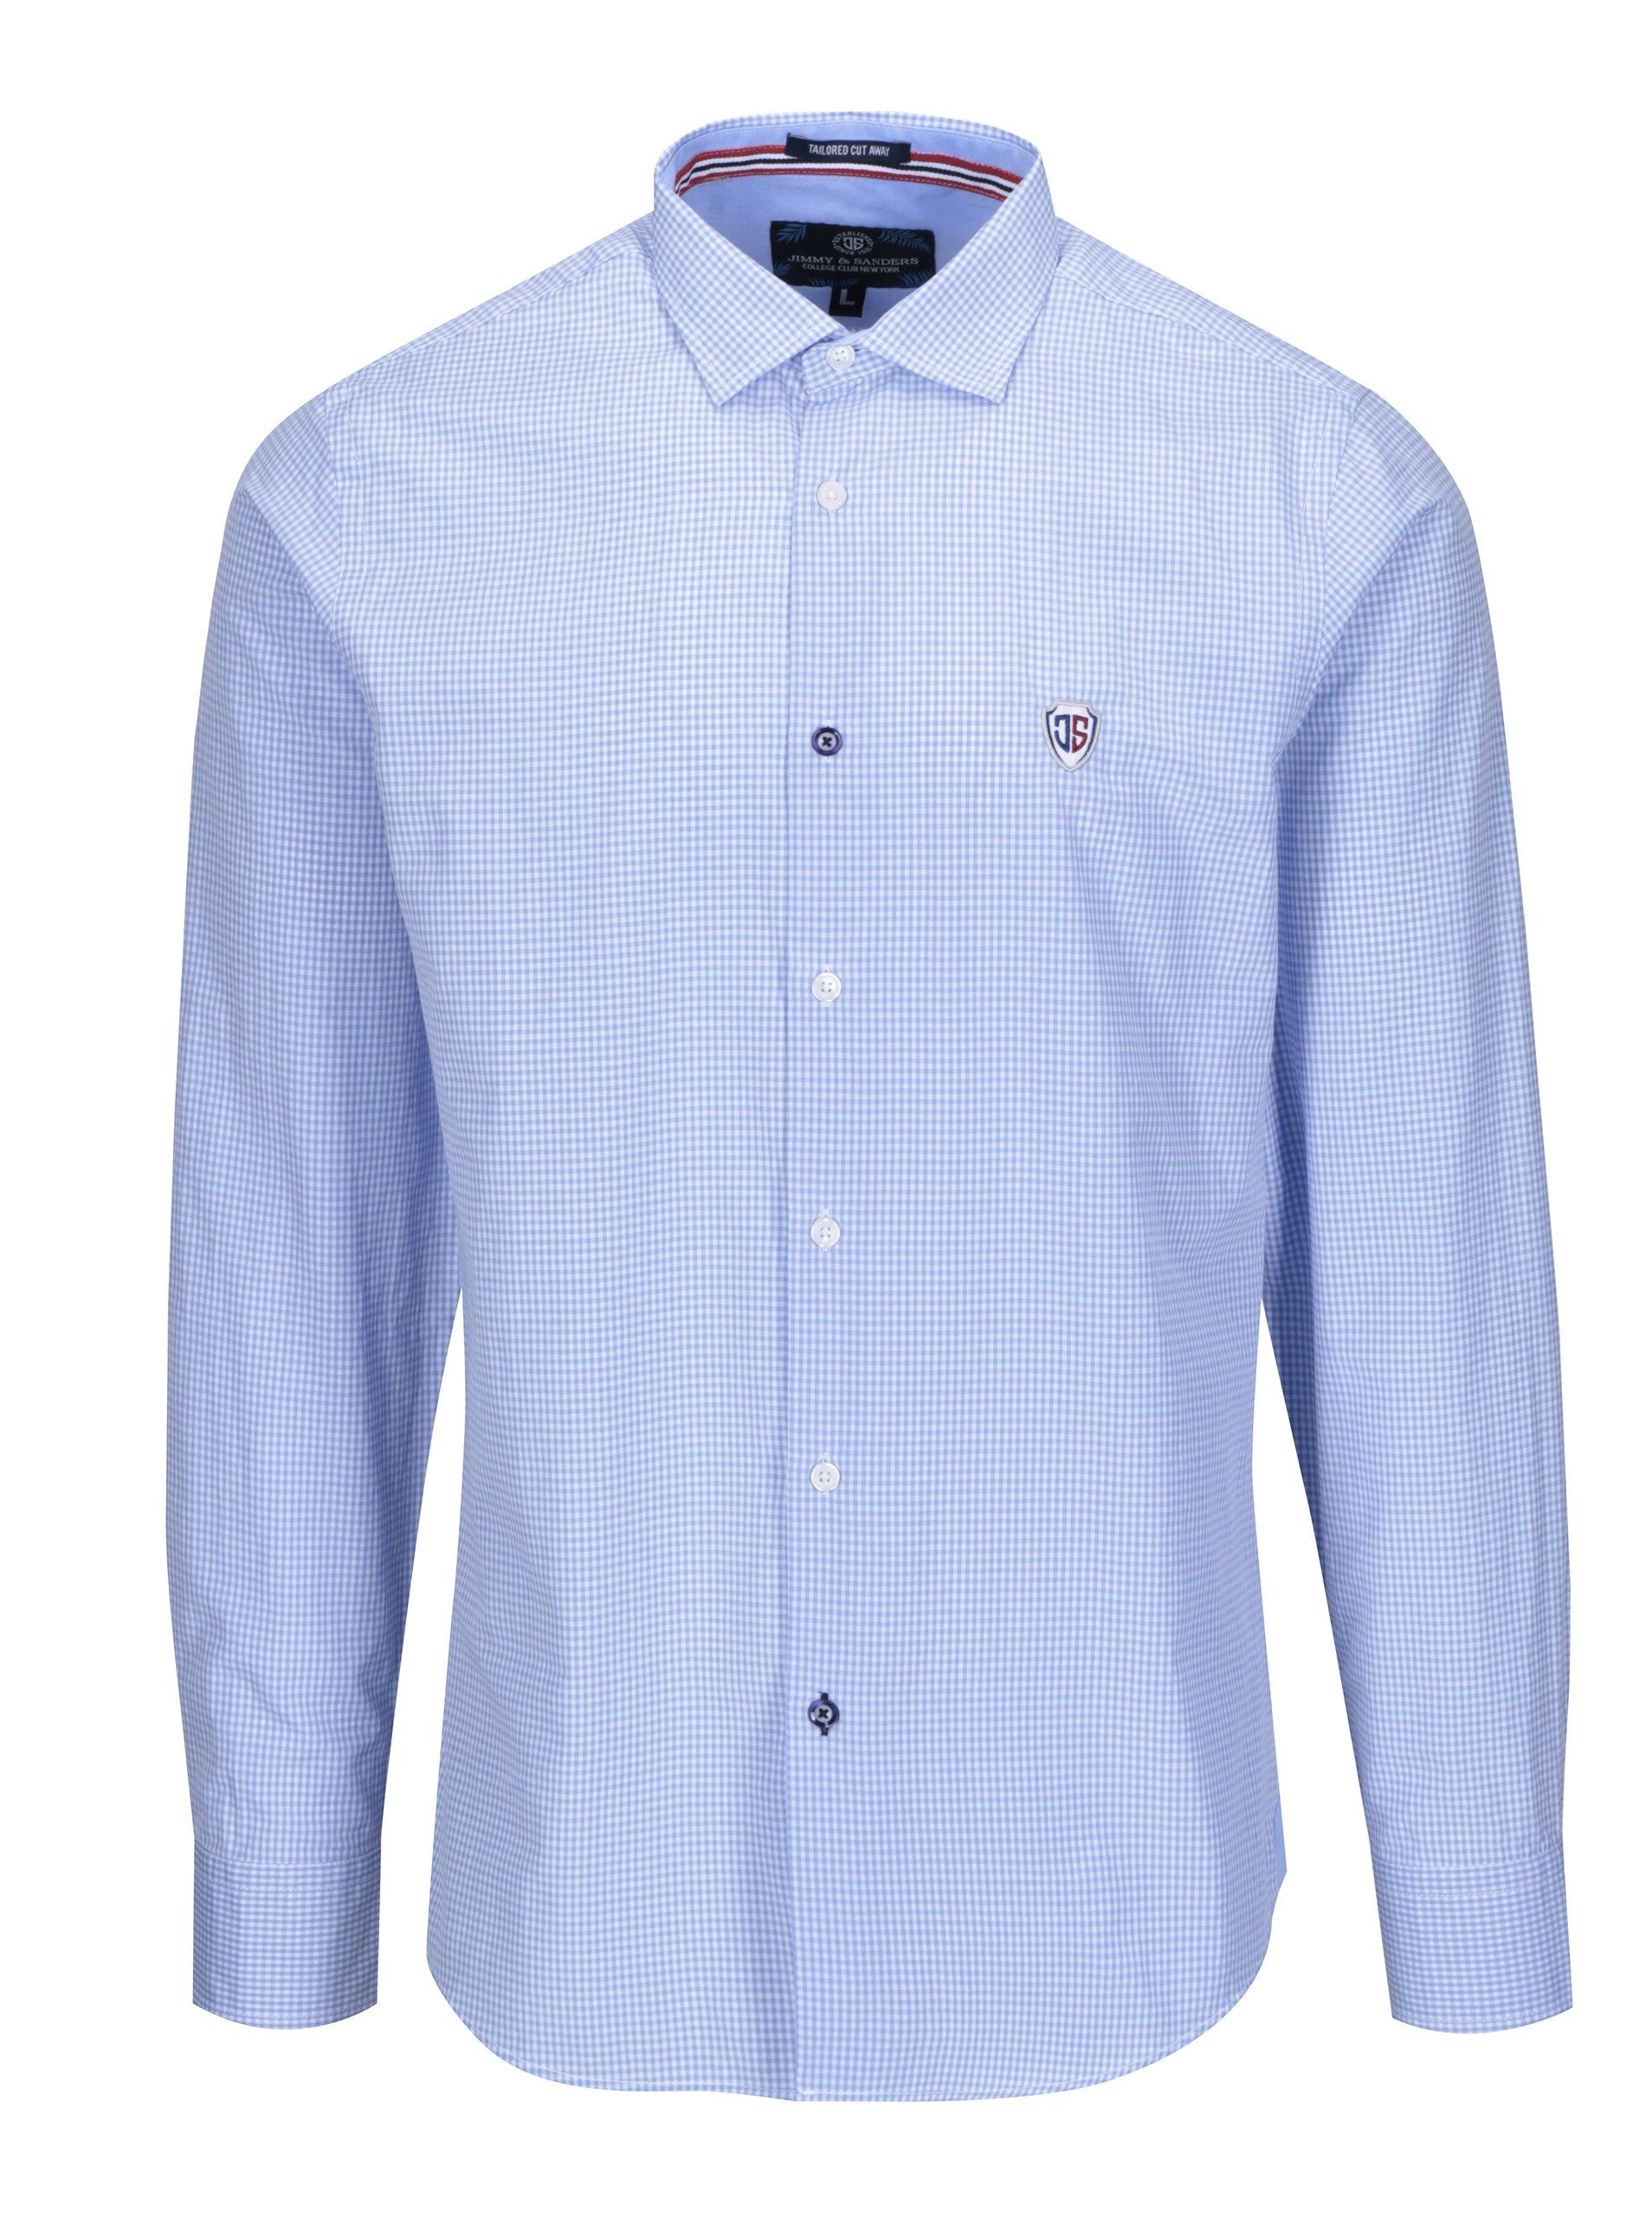 76bf9de0cb69 Modrá pánska kockovaná košeľa Jimmy Sanders